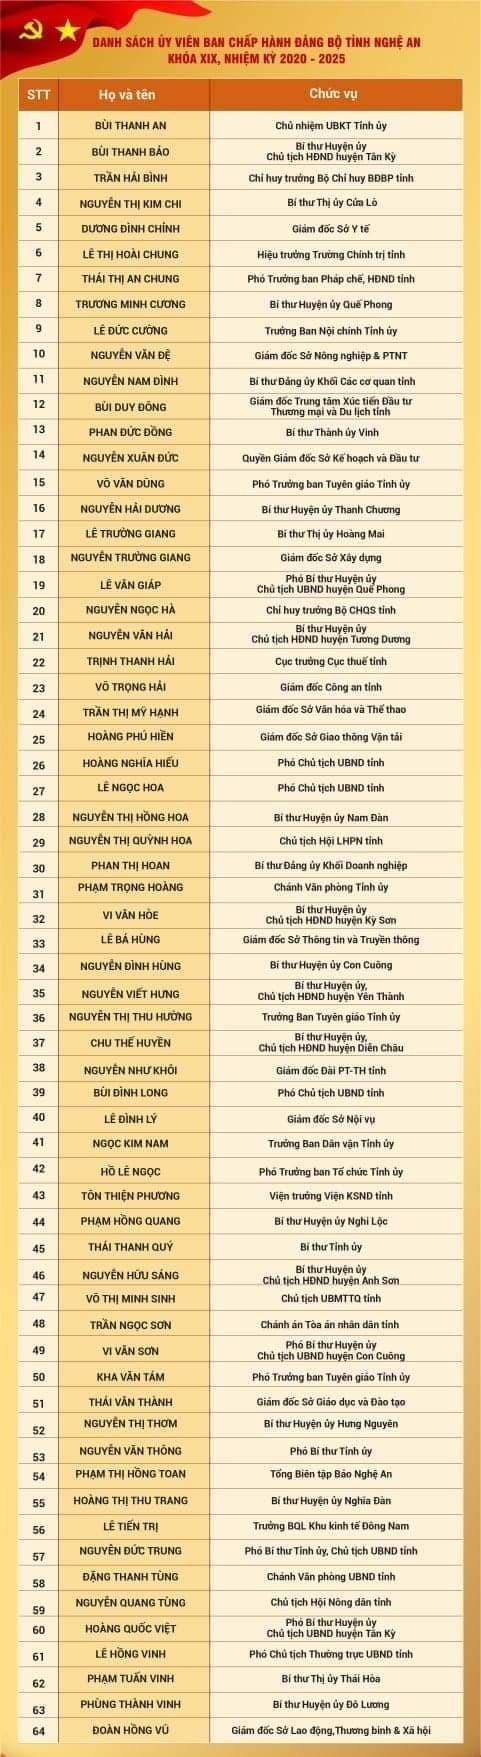 Kết quả bầu Ban Chấp hành Đảng bộ tỉnh Nghệ An khóa 19 ảnh 7